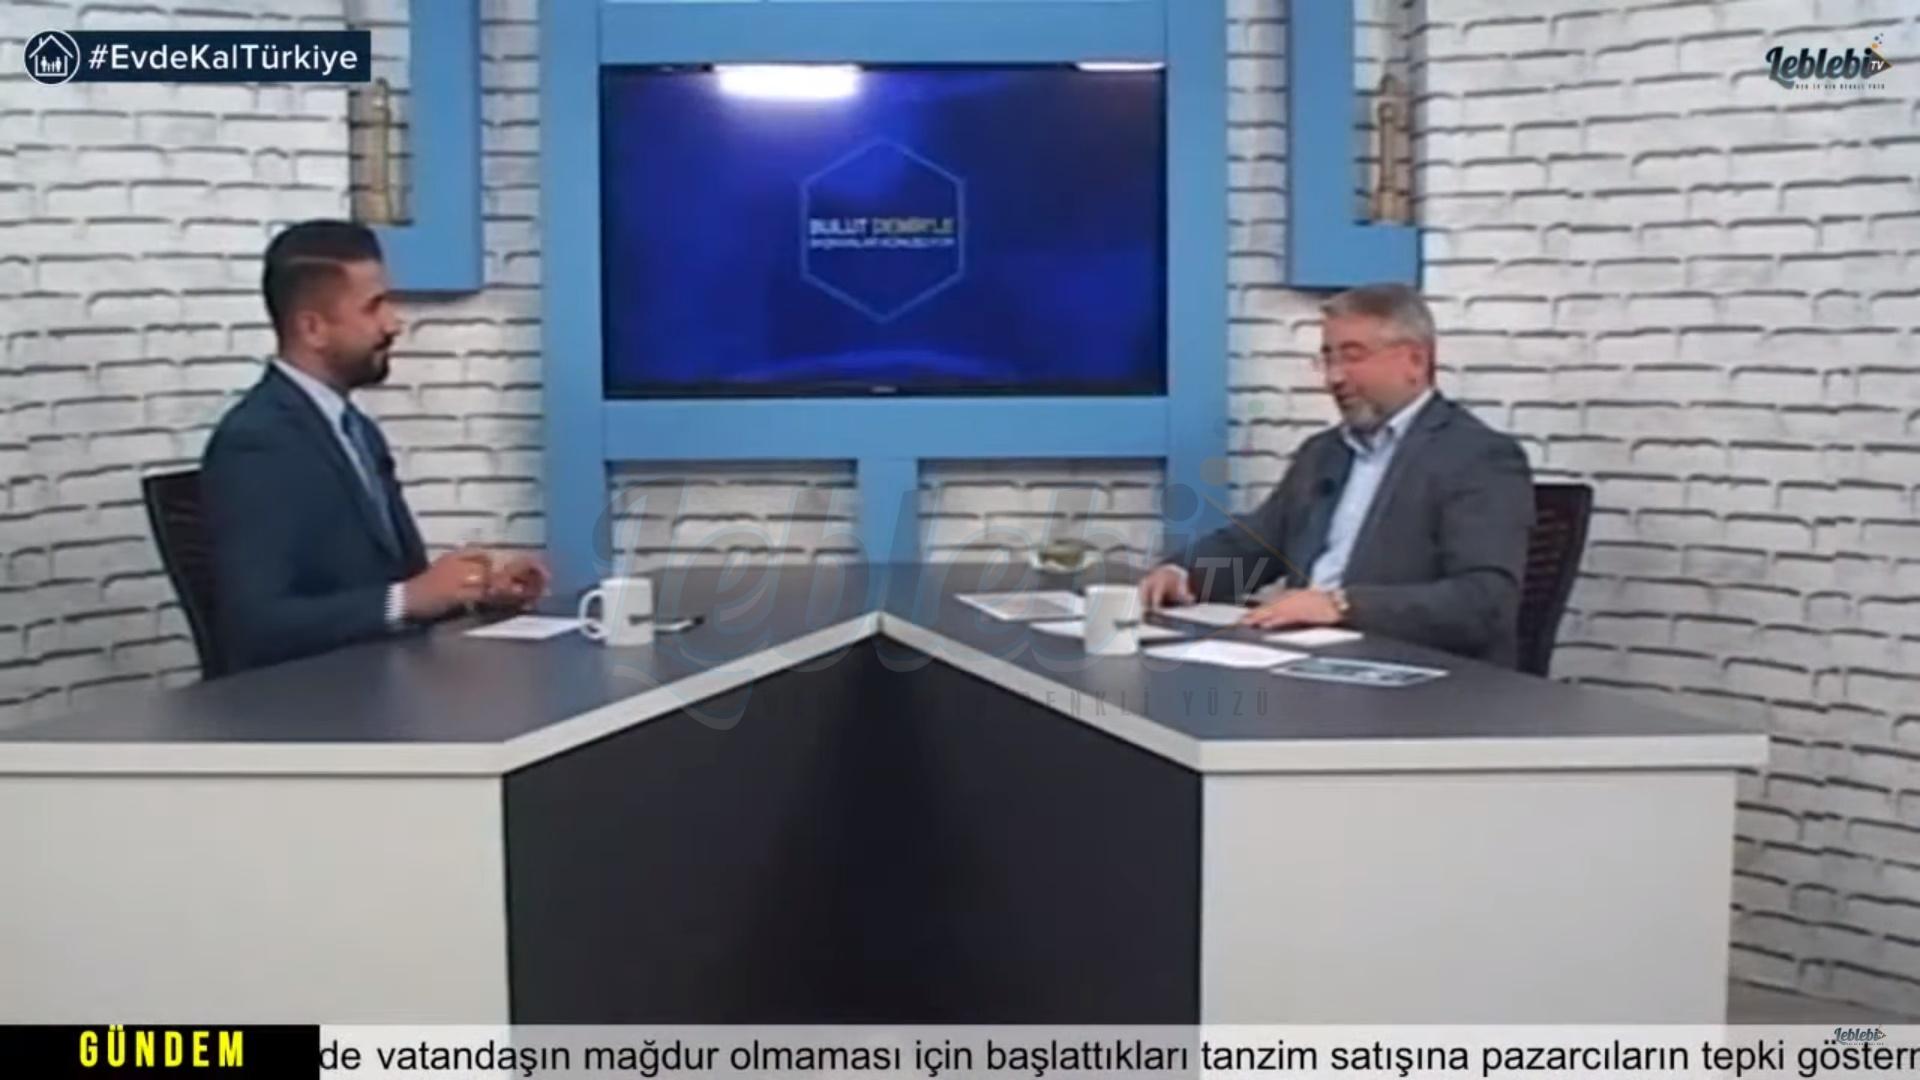 Çorum Belediye Başkanı – Dr. Halil İbrahim Aşgın